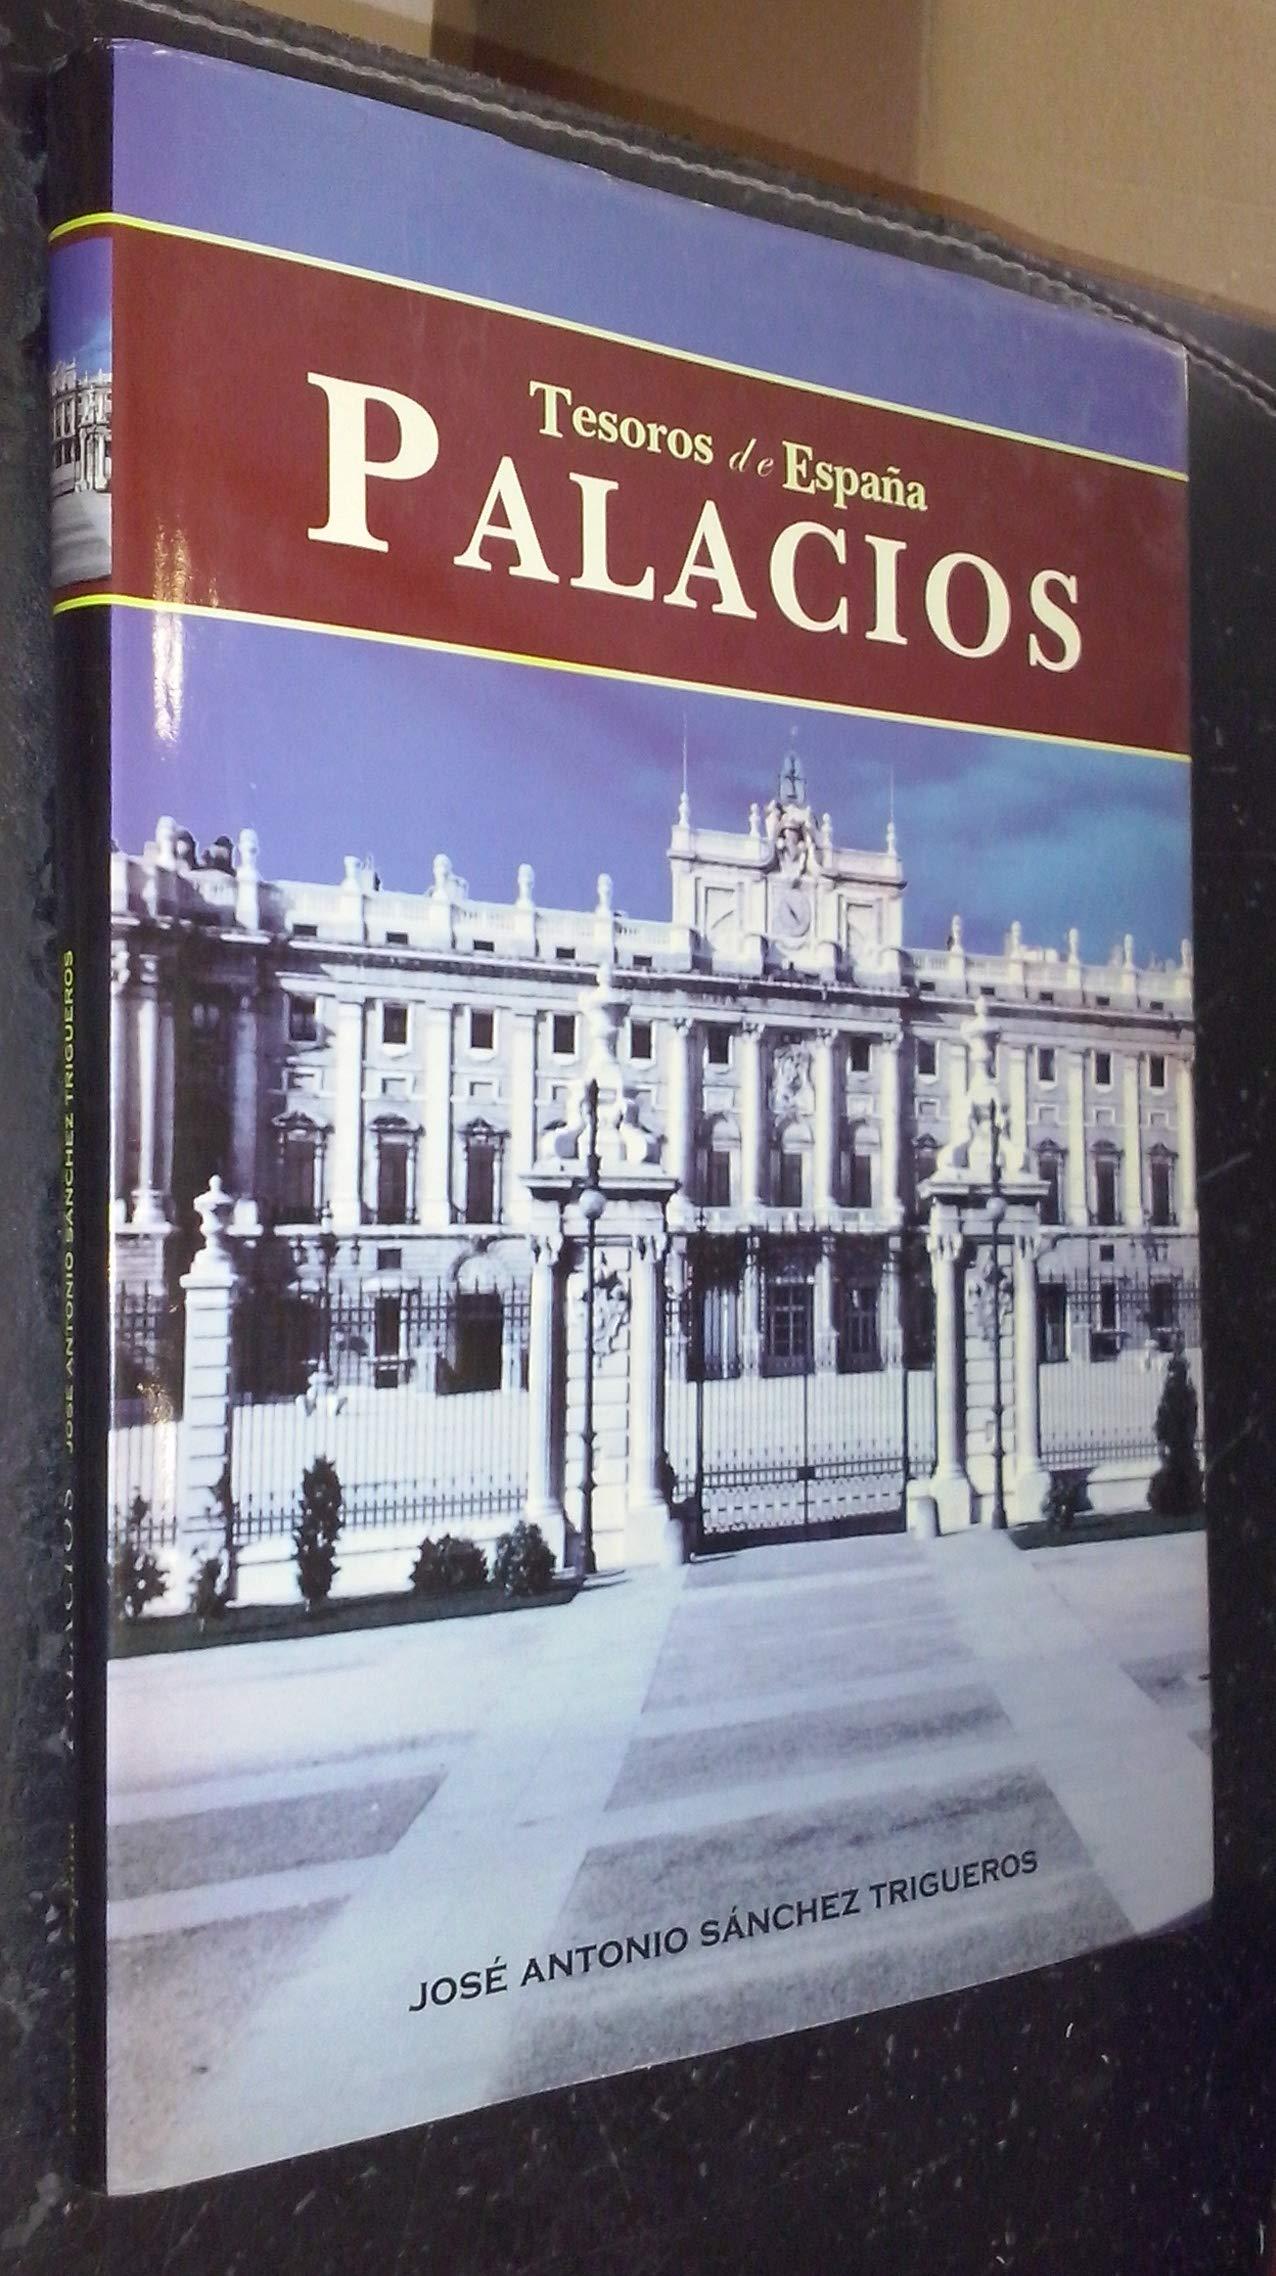 Tesoros de España 2. Palacios: Amazon.es: SÁNCHEZ TRIGUEROS, José Antonio: Libros